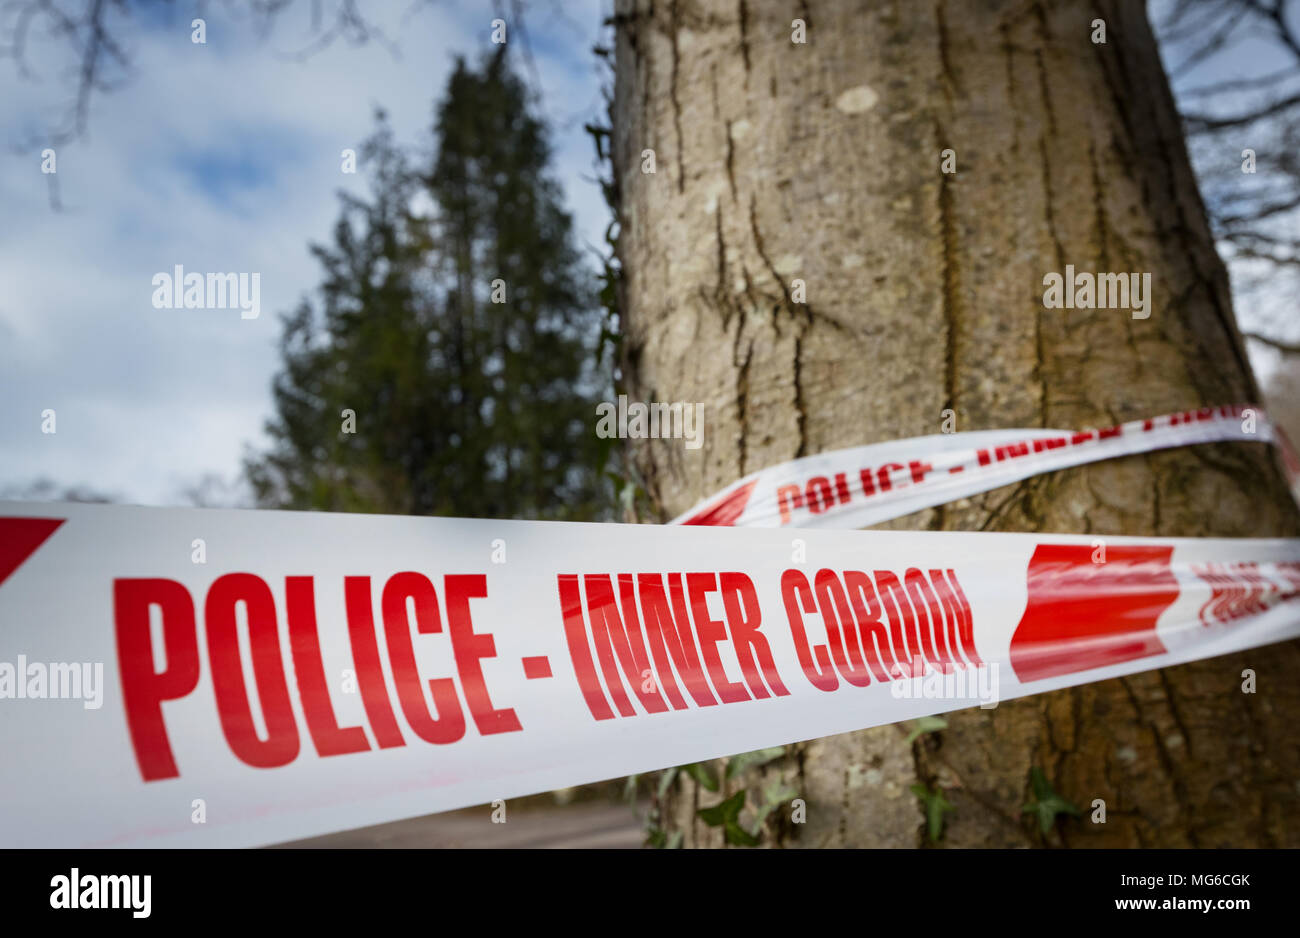 Ruban Cordon intérieur Police enroulé autour d'un arbre Photo Stock